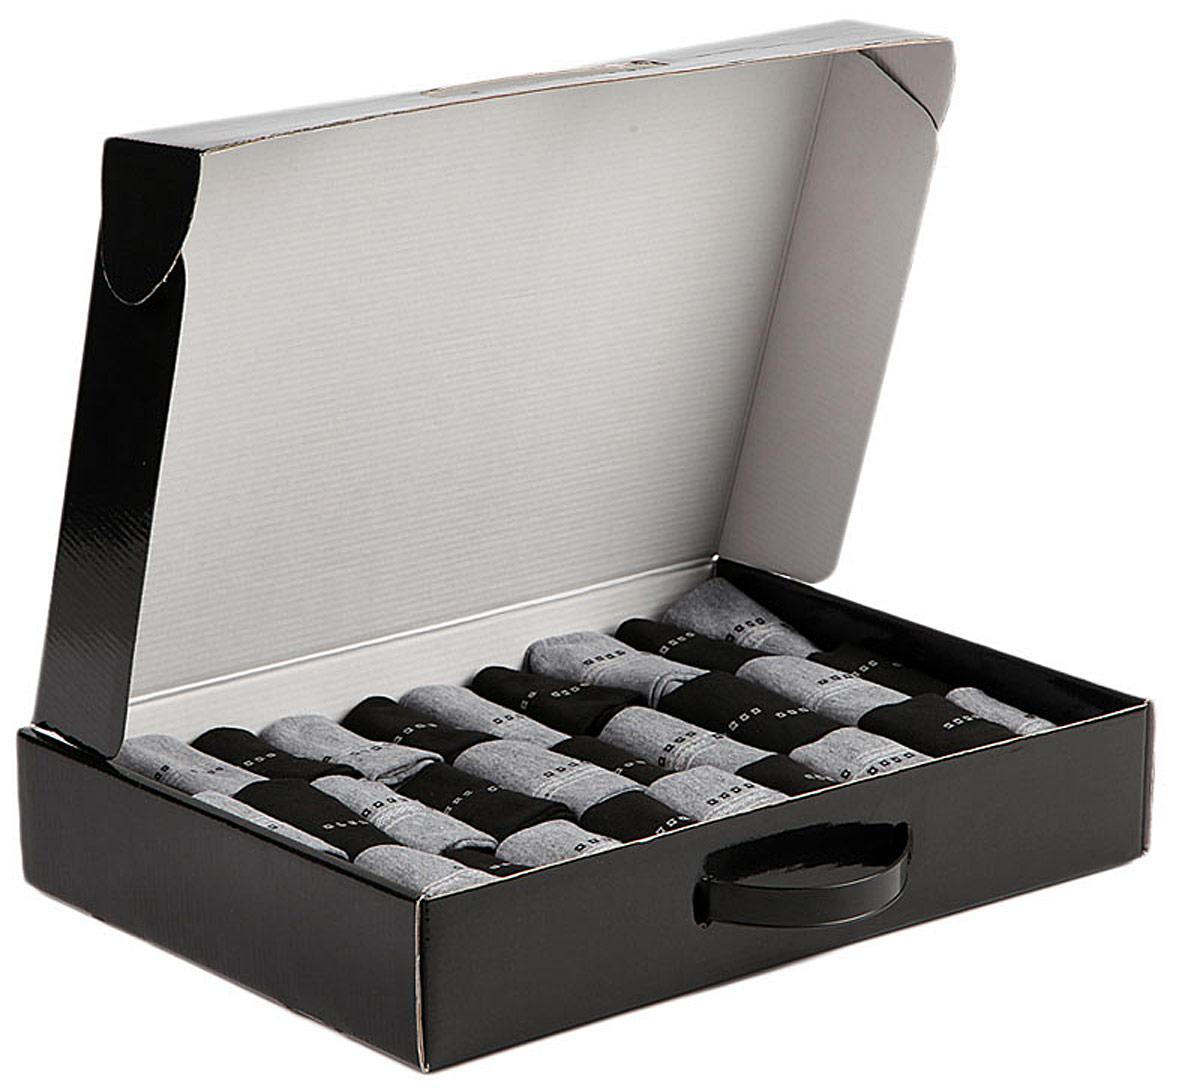 Комплект носков мужских Соксы, цвет: серый, черный, 30 пар. 017. Размер 39/43017Носки Соксы изготовлены из полиэстера с добавлением эластана, комфортных при носке. Эластичная резинка плотно облегает ногу, не сдавливая ее, обеспечивая комфорт и удобство. В комплект входят 30 пар носков.